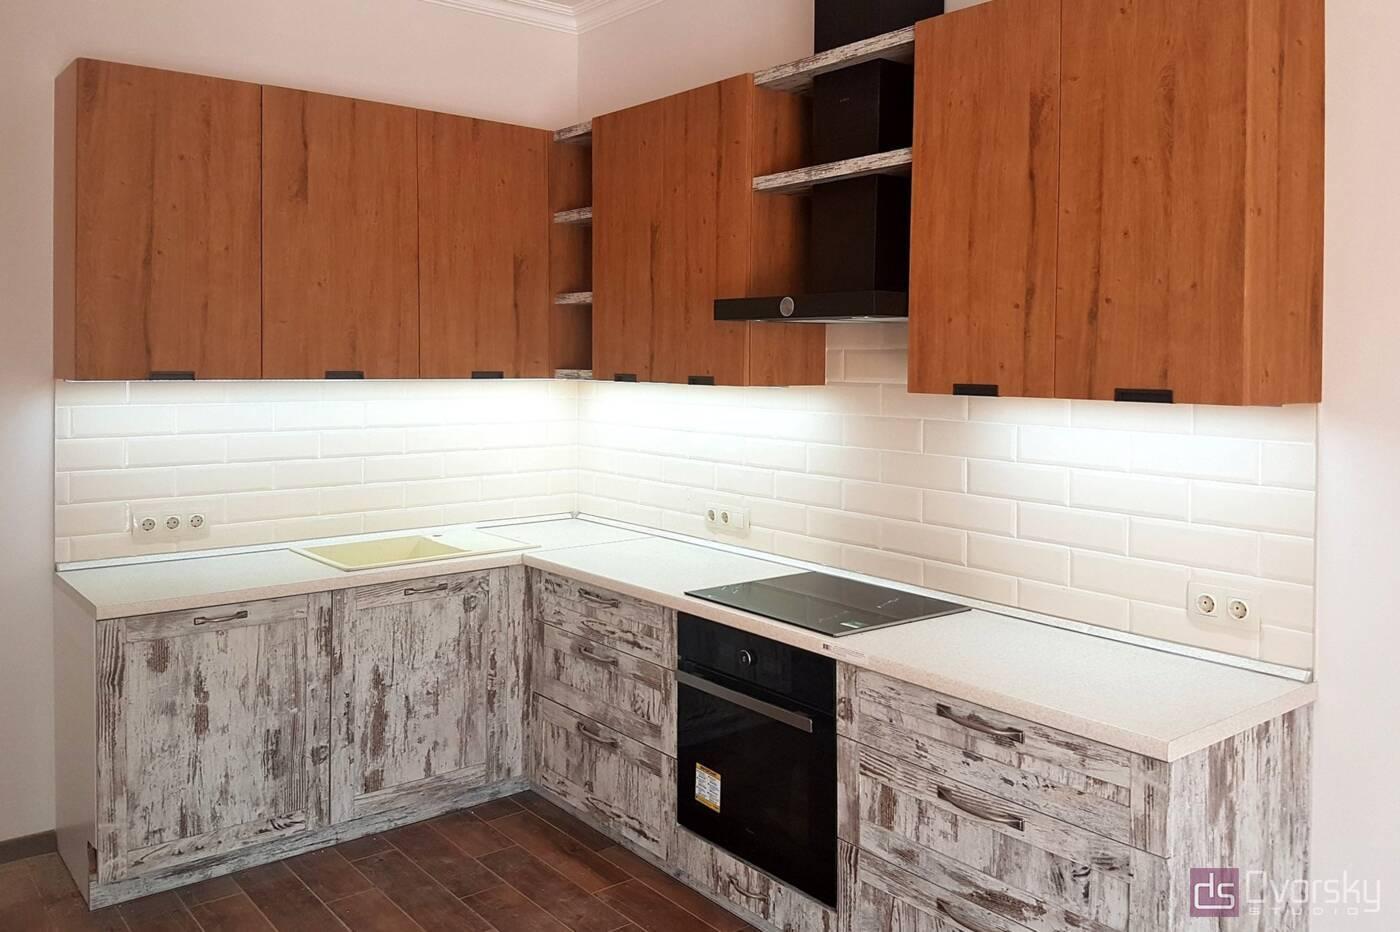 Кутові кухні Вінтажна кухня - Фото № 2